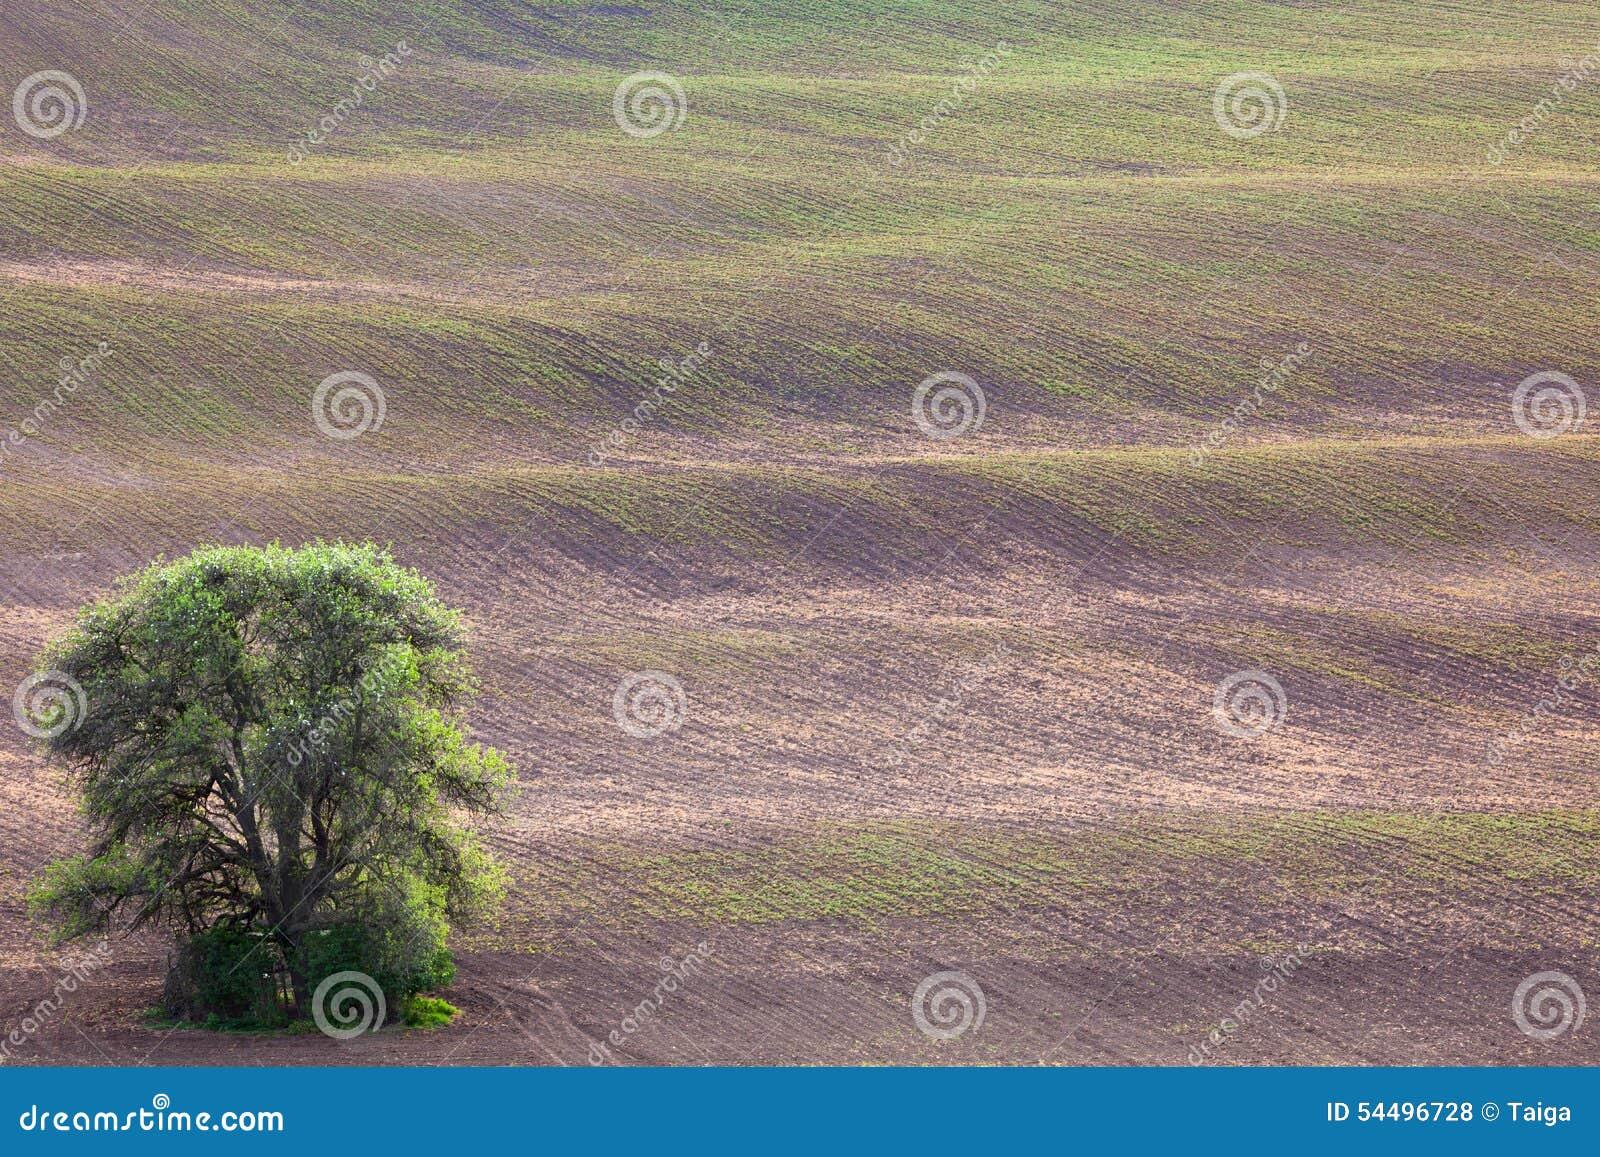 El árbol Viejo Y Las Ondas De Tierra Resumen Paisaje Del Minimalismo ...